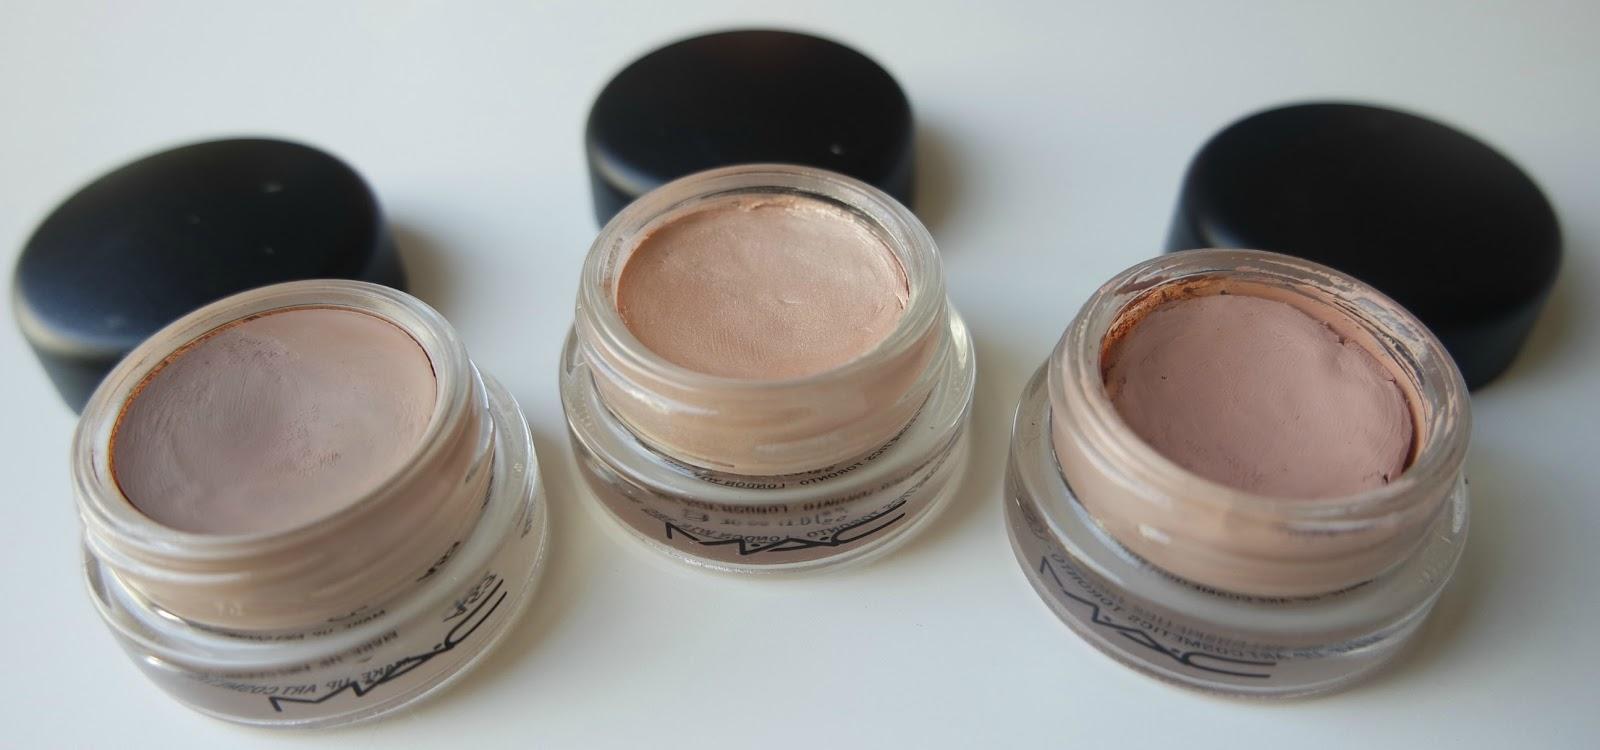 Emily han xo mac pro longwear paint pots camel coat for Mac pro longwear paint pot painterly